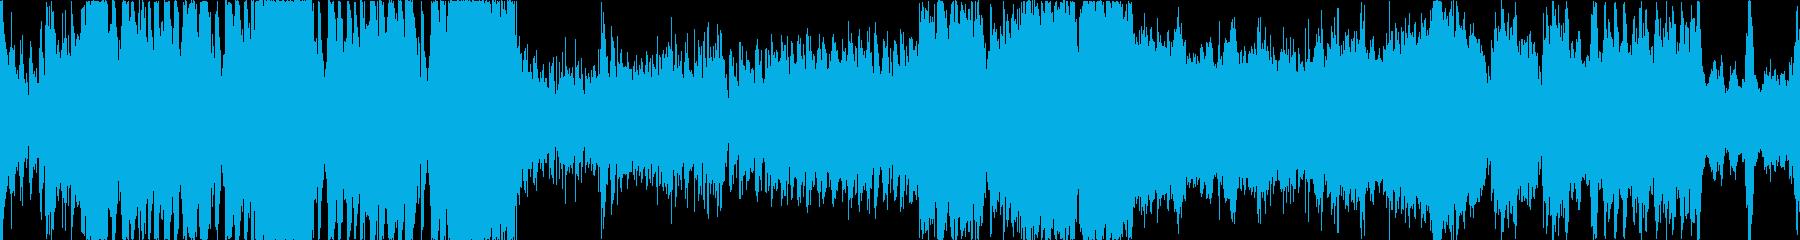 バトル系オーケストラループ曲です。の再生済みの波形